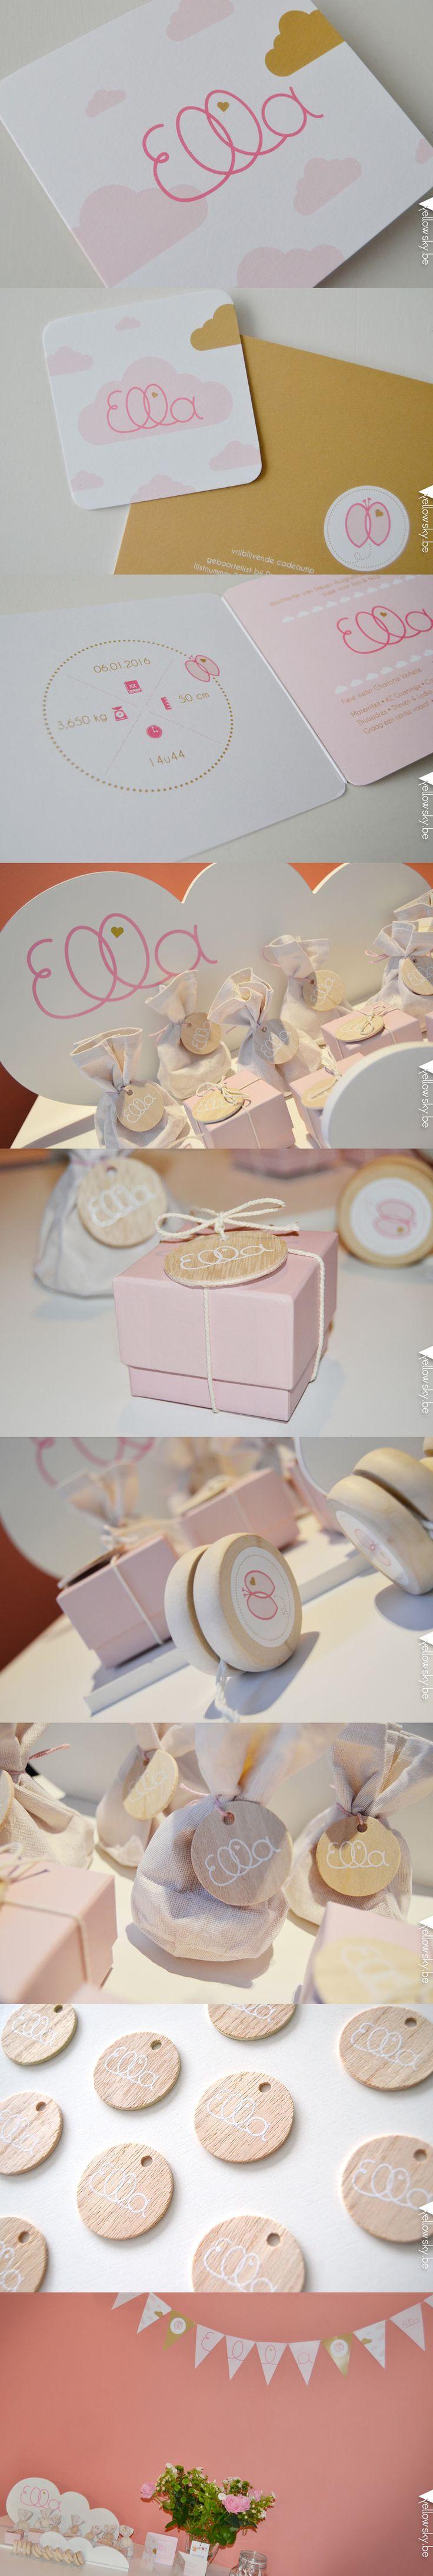 Uniek ontworpen geboortekaartje en doopsuikers voor lieve Ella! Vlindertje met…